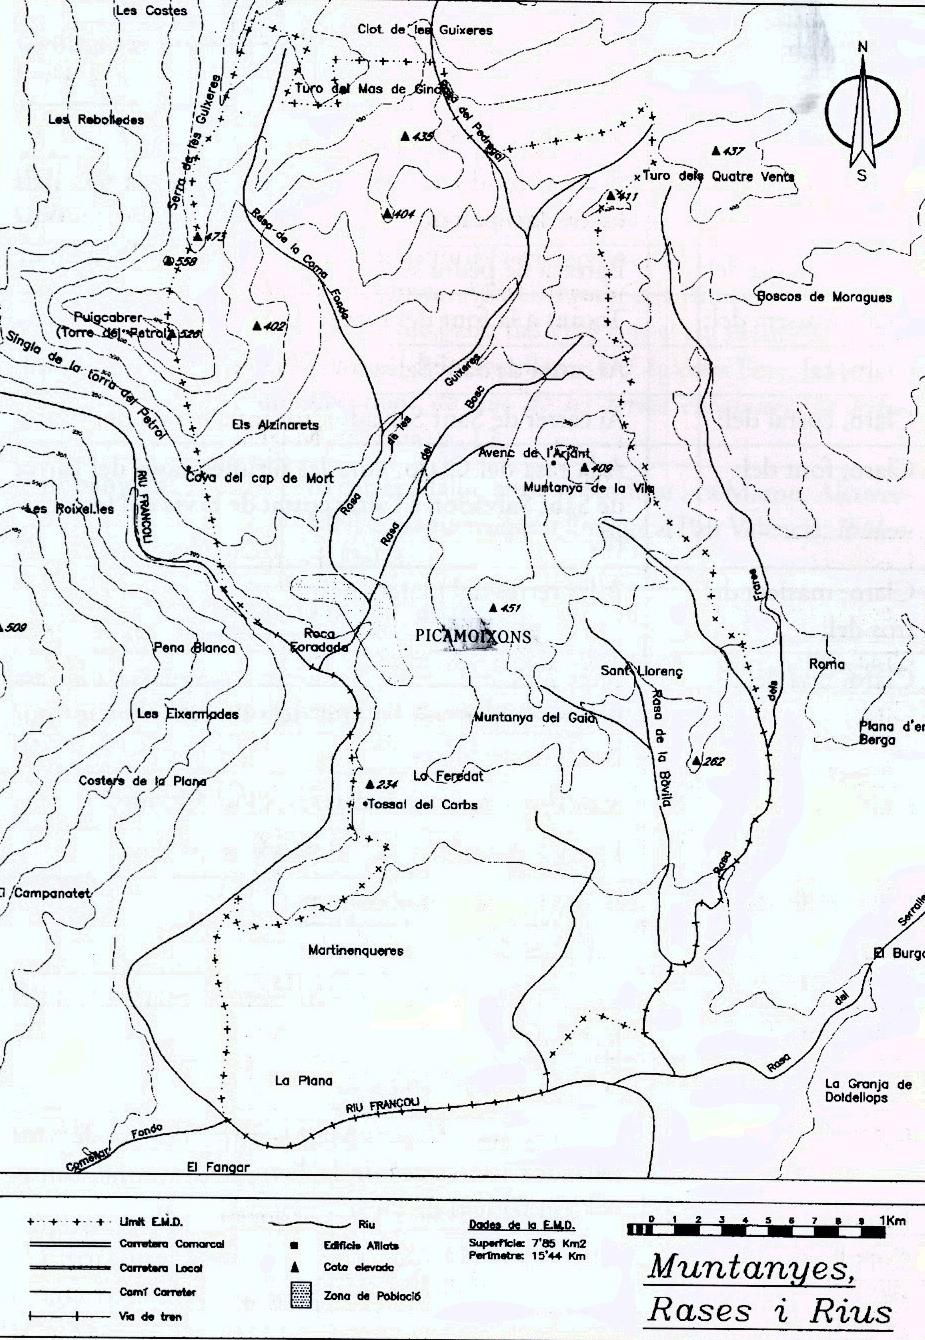 muntanyes-i-rius.jpg